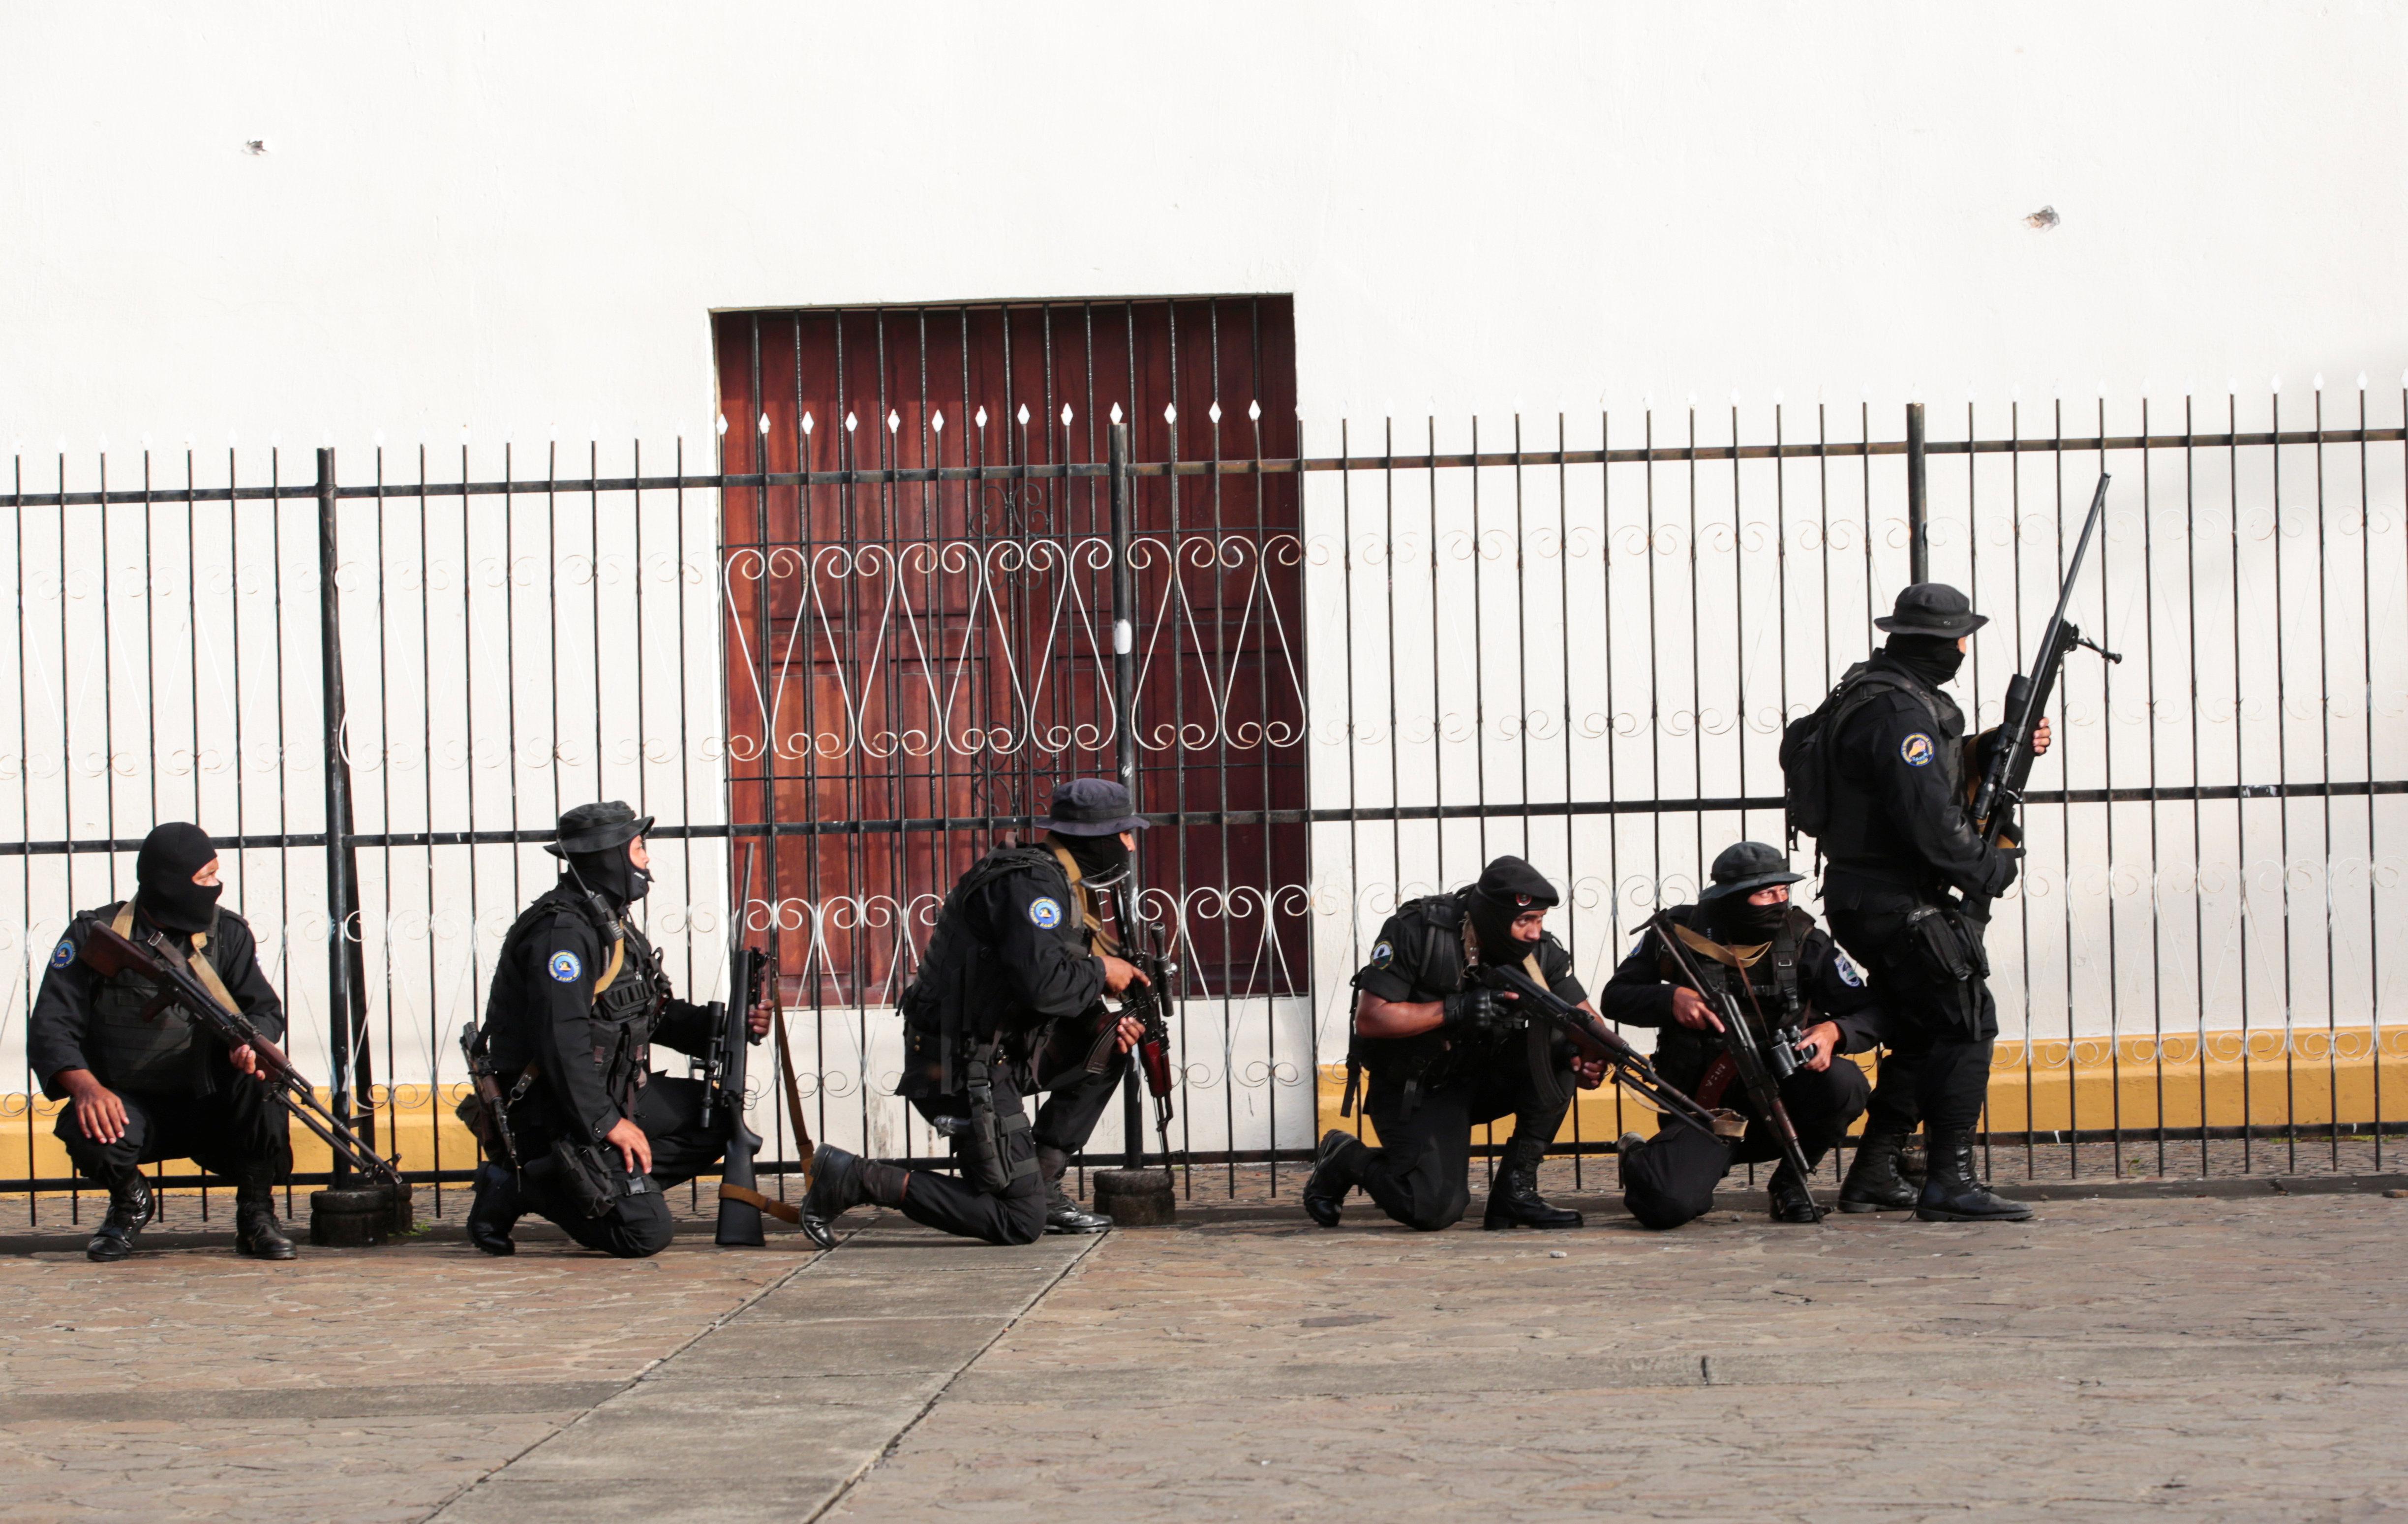 Νικαράγουα: Δύο νεαροί σκοτώθηκαν σε επίθεση φιλοκυβερνητικών δυνάμεων σε